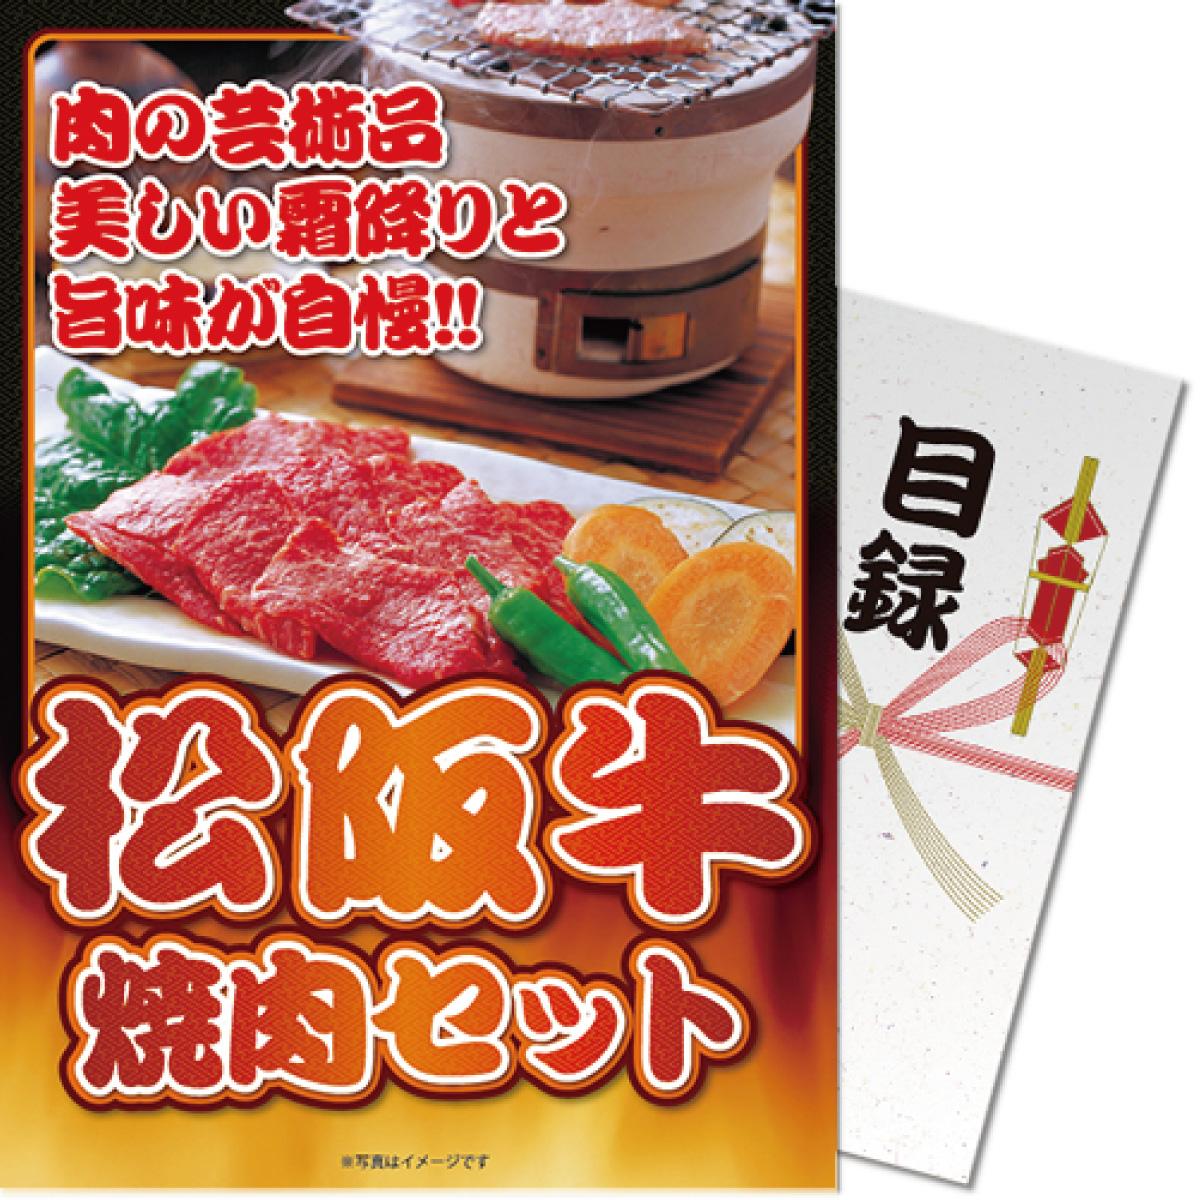 パネもく!松阪牛焼肉セット300g 目録 A4パネル付き